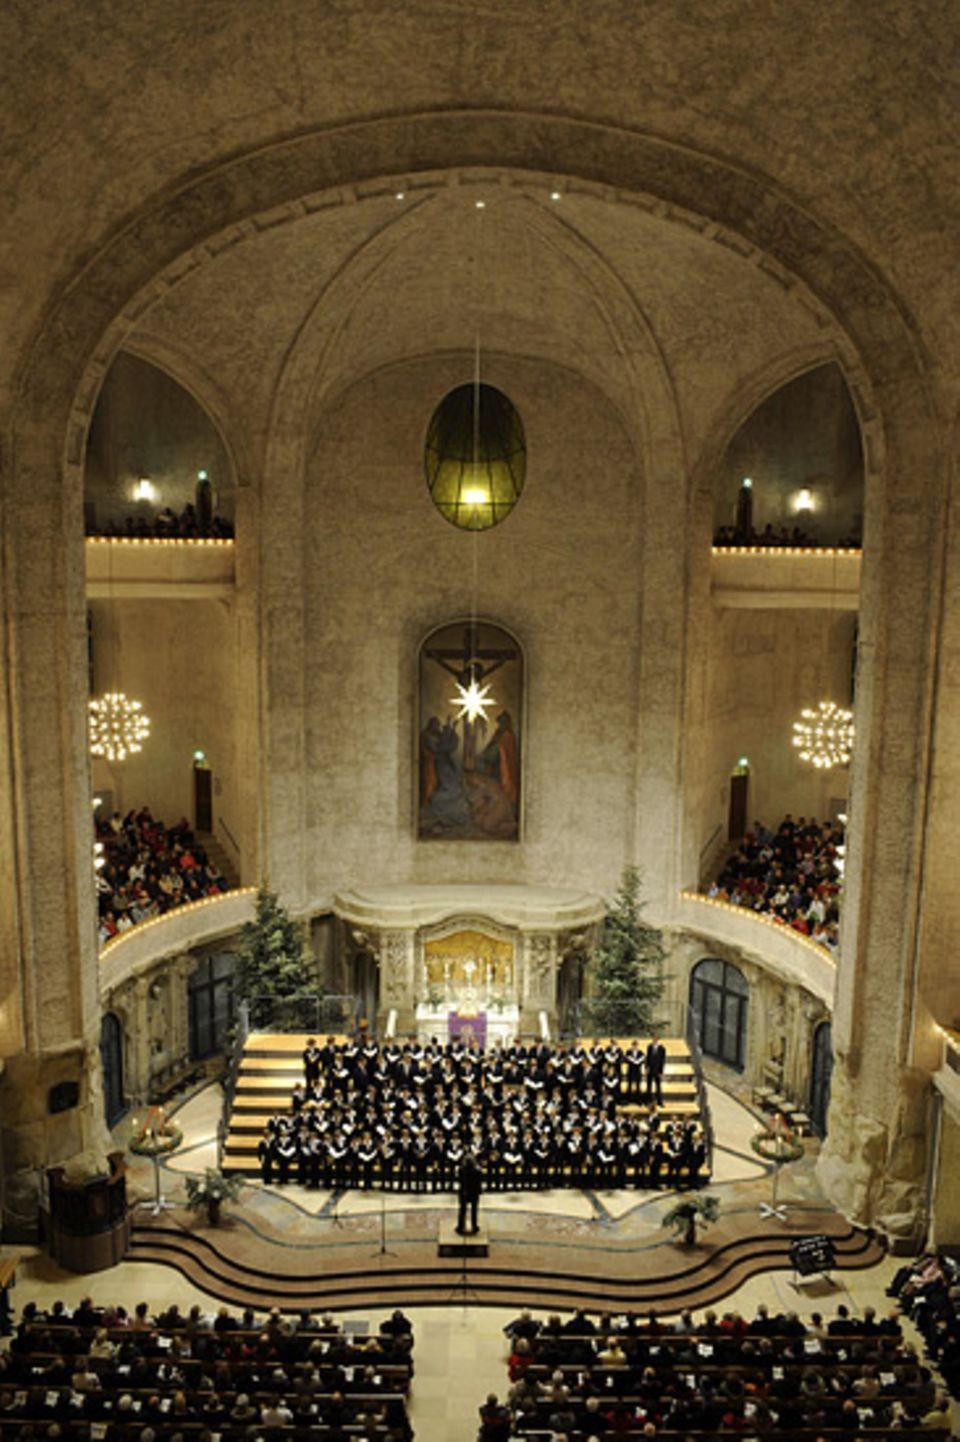 Auftritt des Kreuzchors in der Dresdner Kreuzkirche